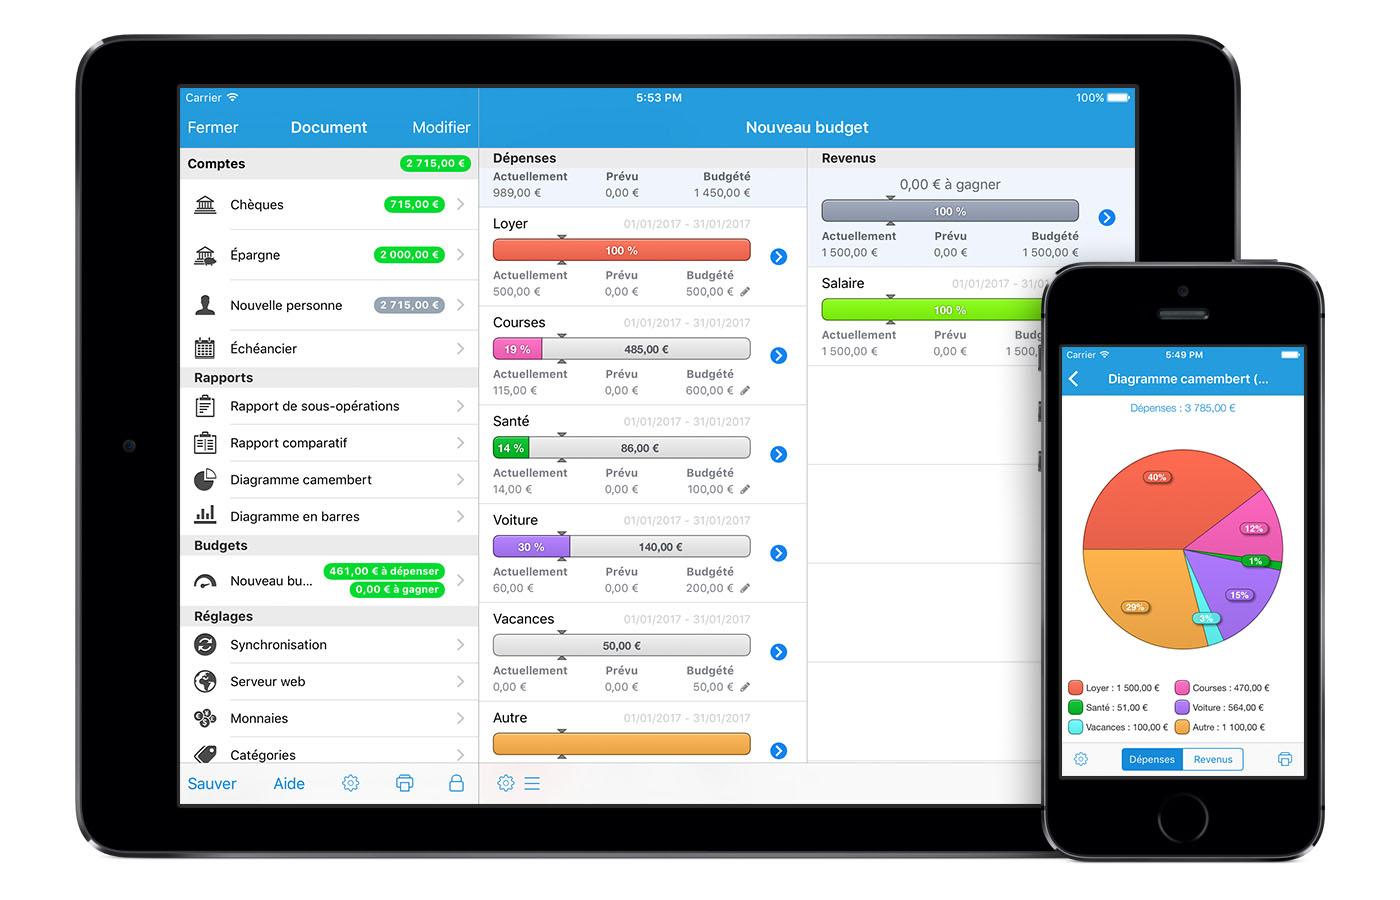 Icompta vos comptes en toute simplicit for Application miroir pour ipad